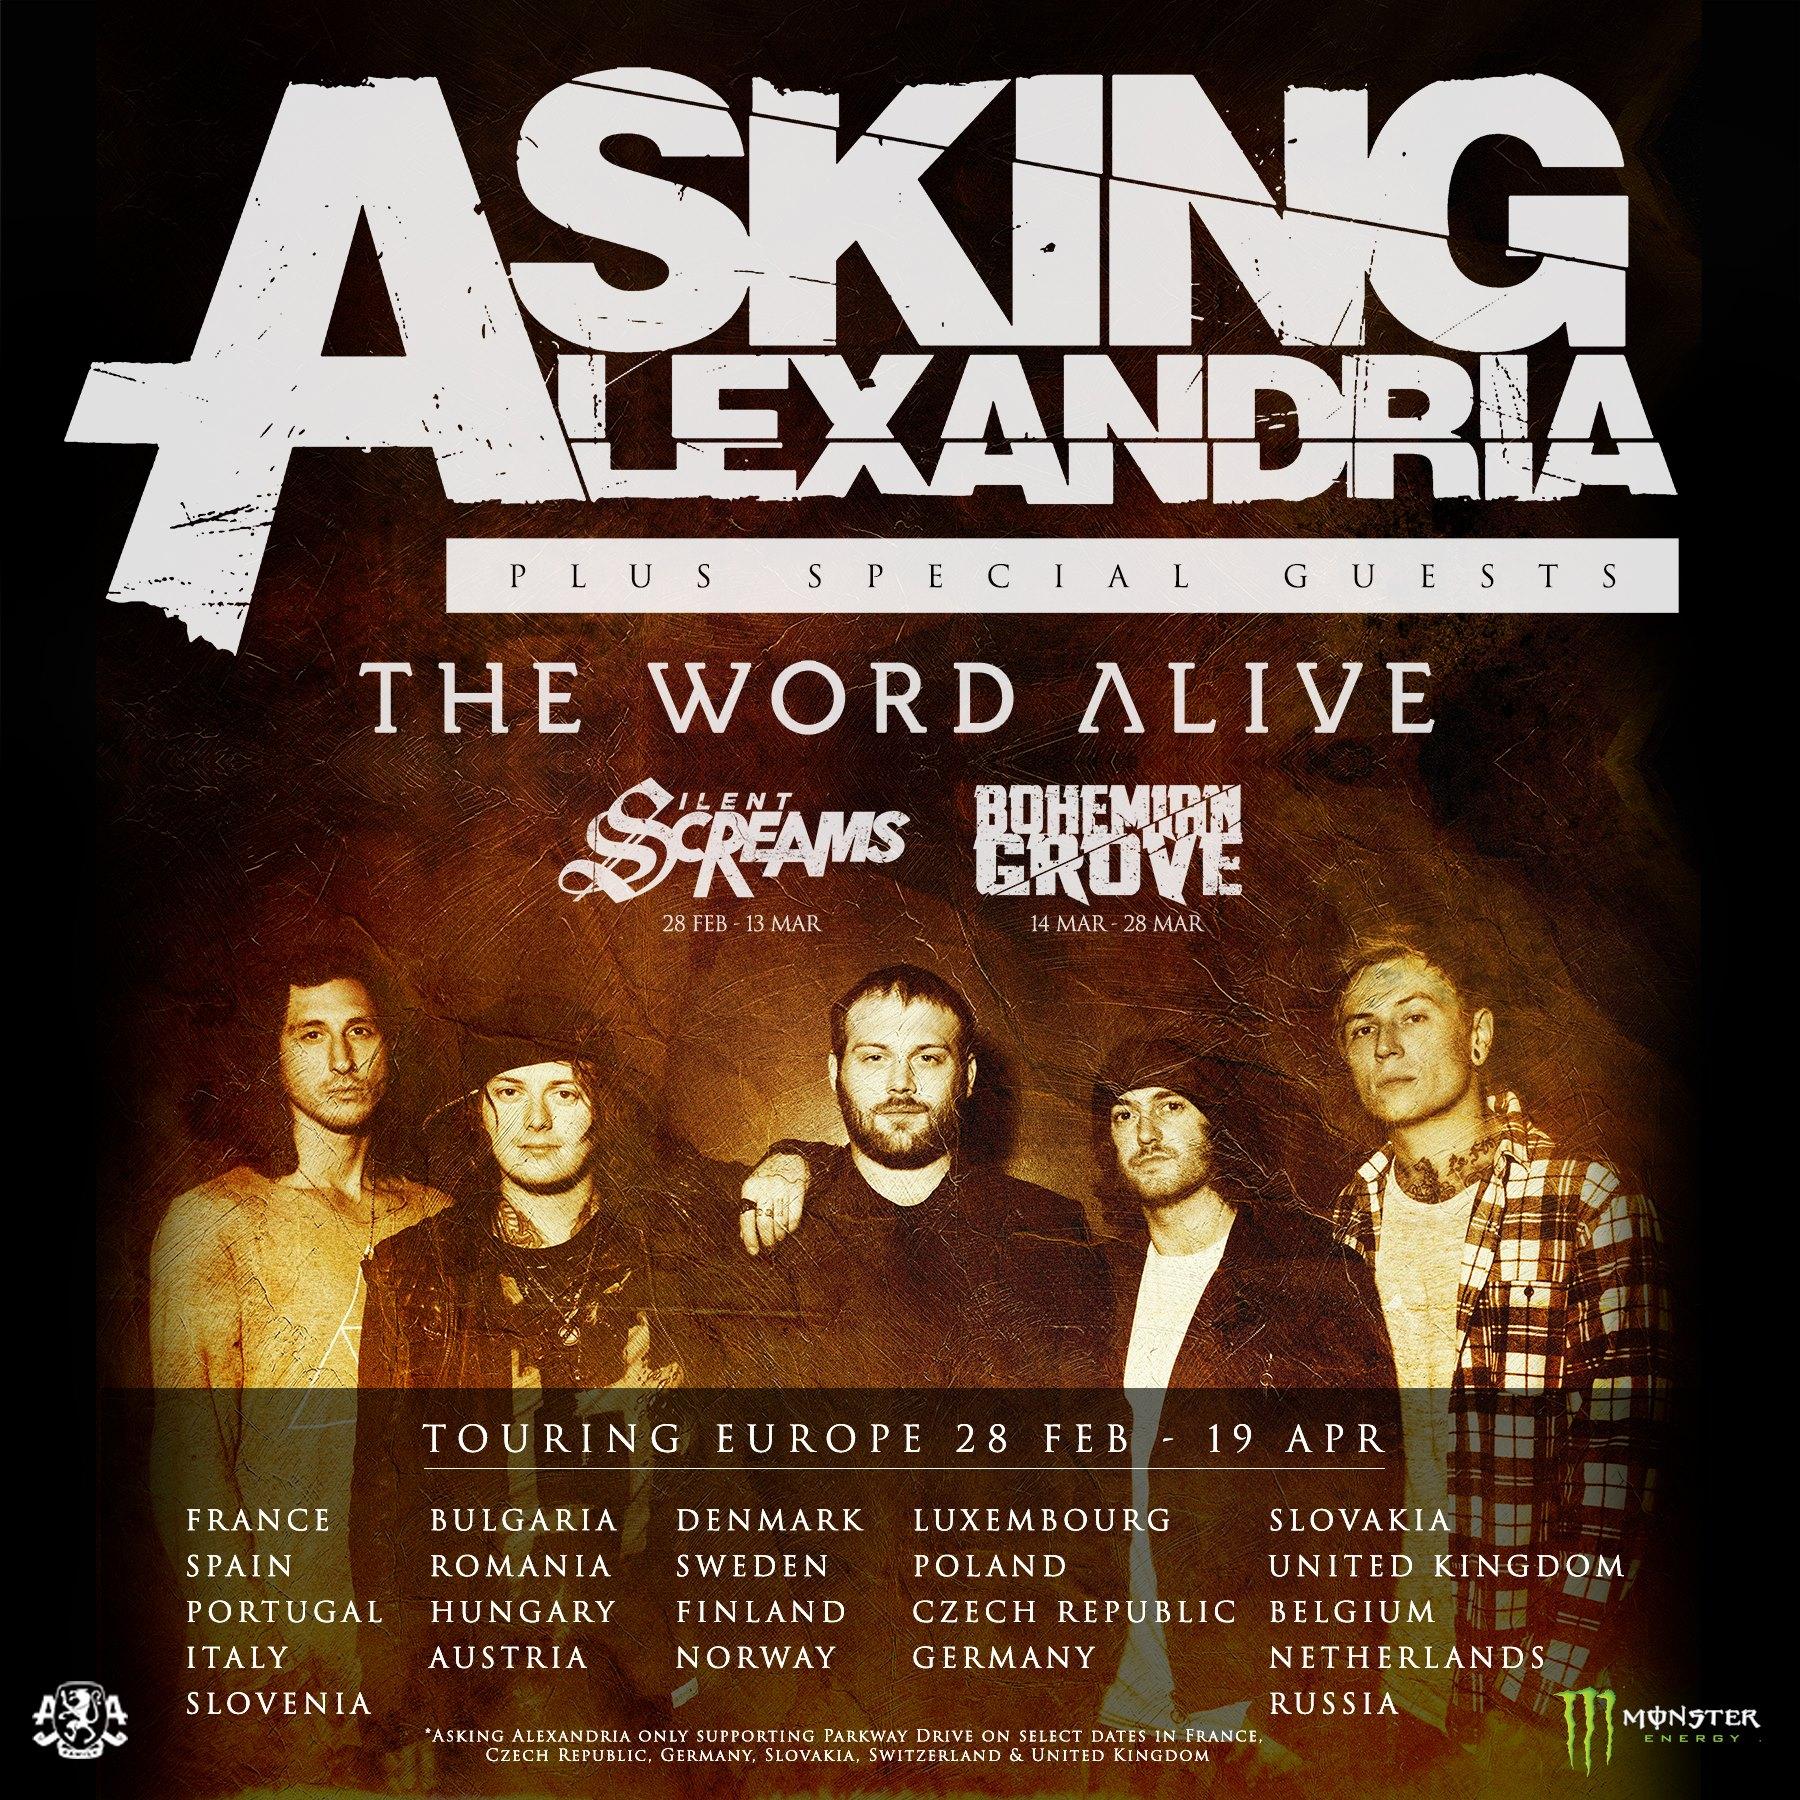 european tour 2017 29 february 19 april asking alexandria